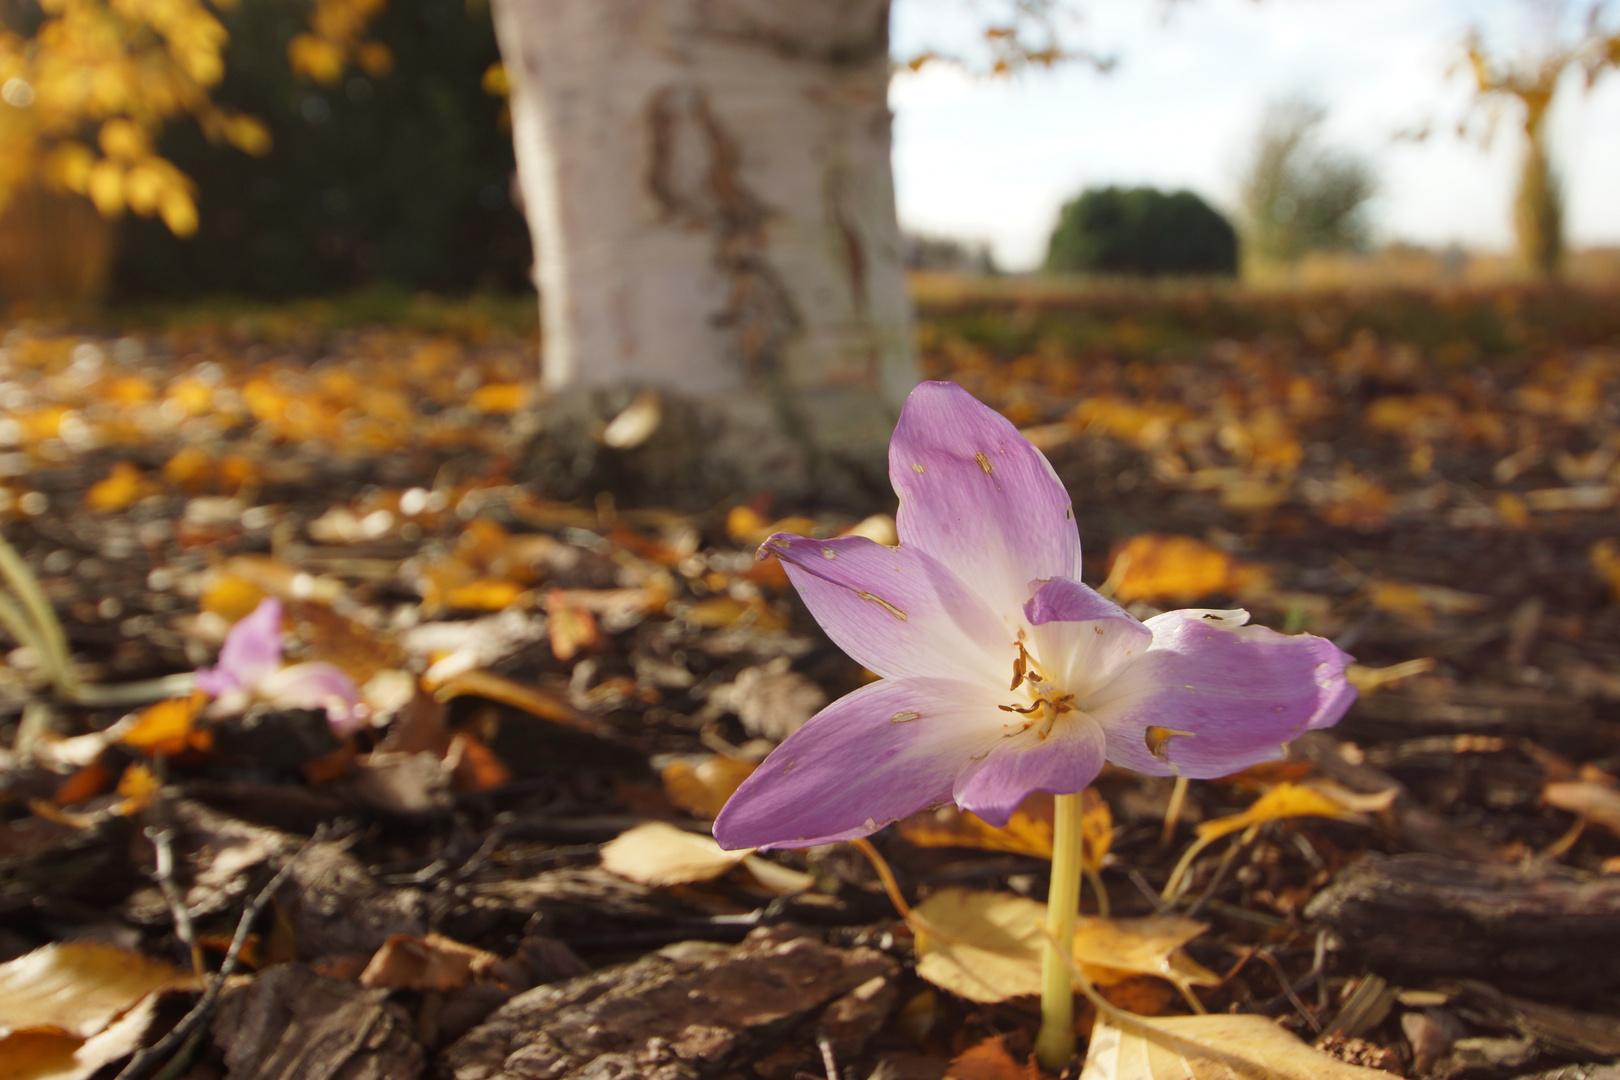 Sie erscheint - und mit ihr der Herbst